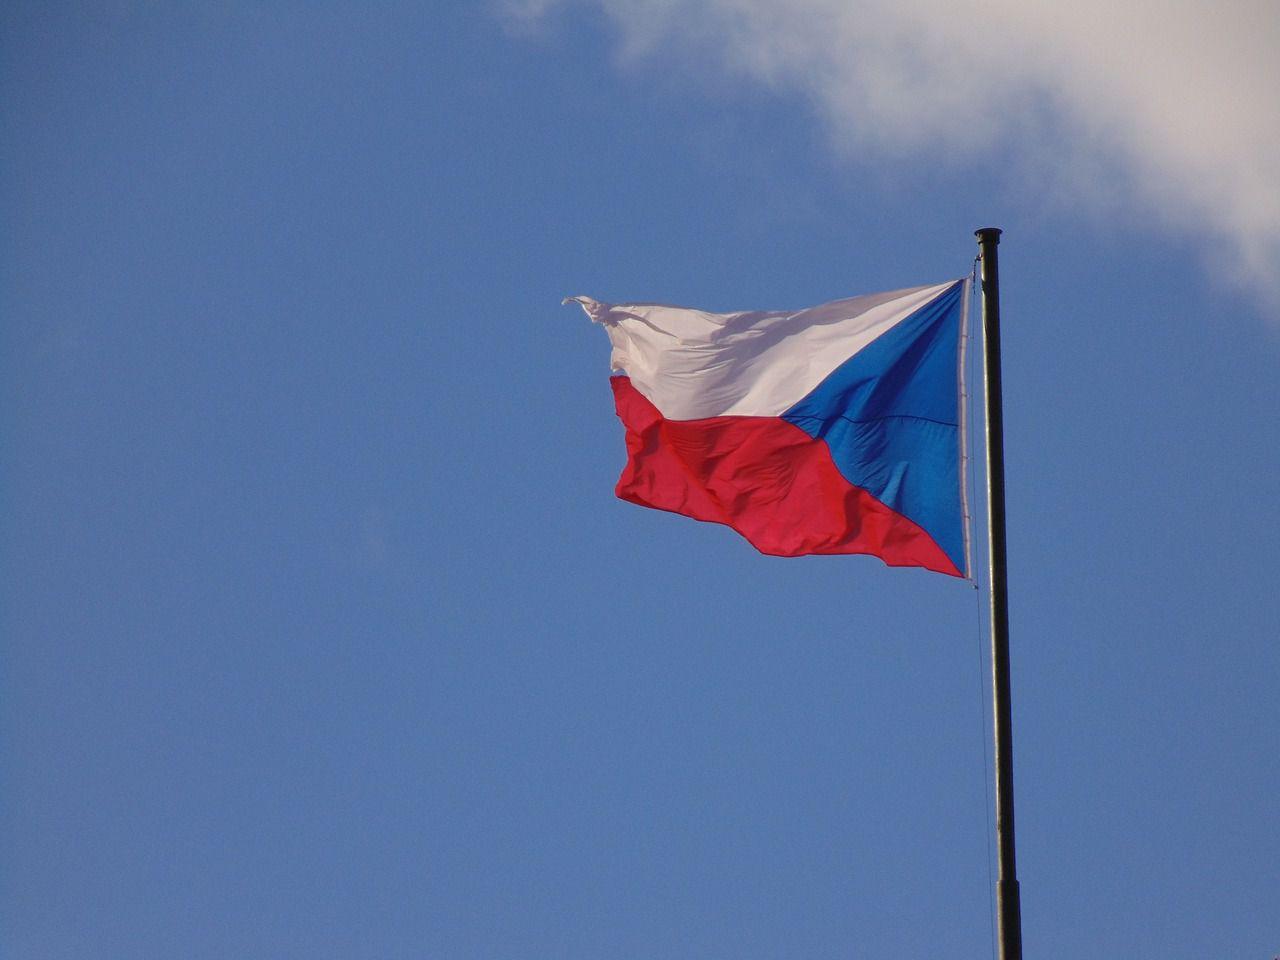 التشيك تفتح حدودها مع 20 دولة أوروبية منتصف يونيو الجارى